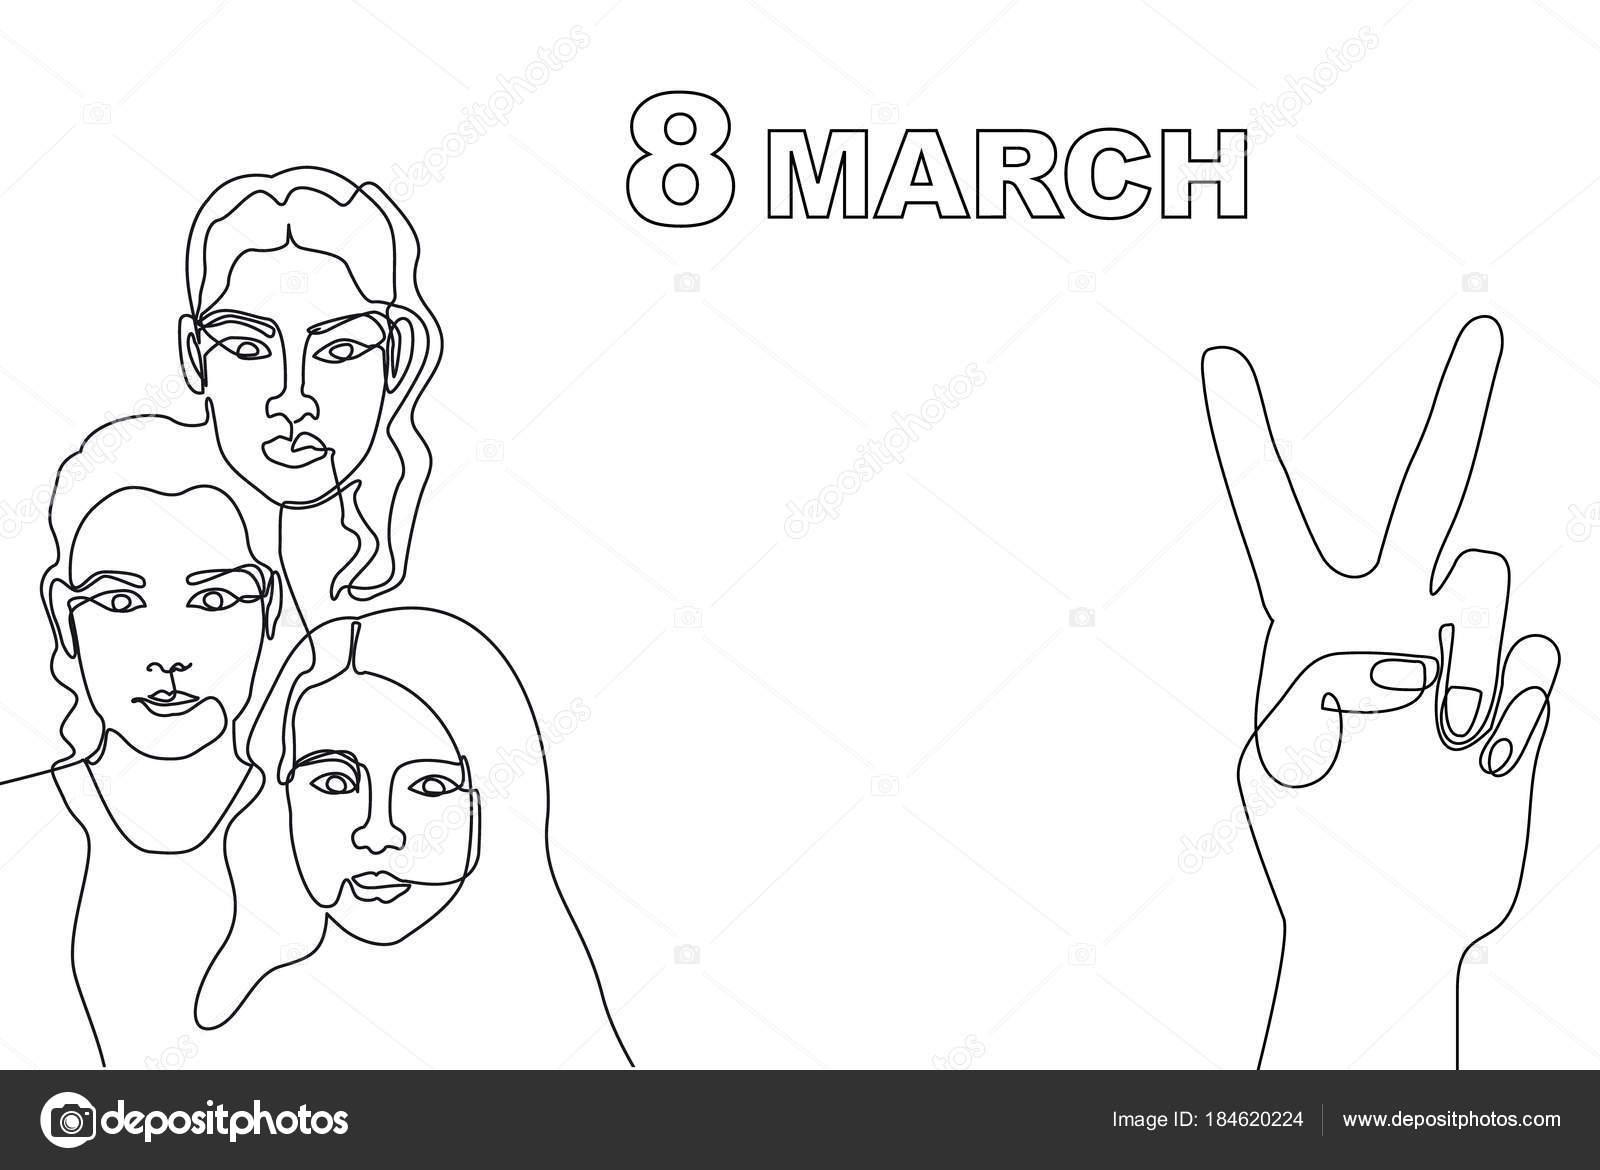 Mutlu Dünya Kadınlar Günü Kartı Sürekli çizgi çizme Stok Vektör